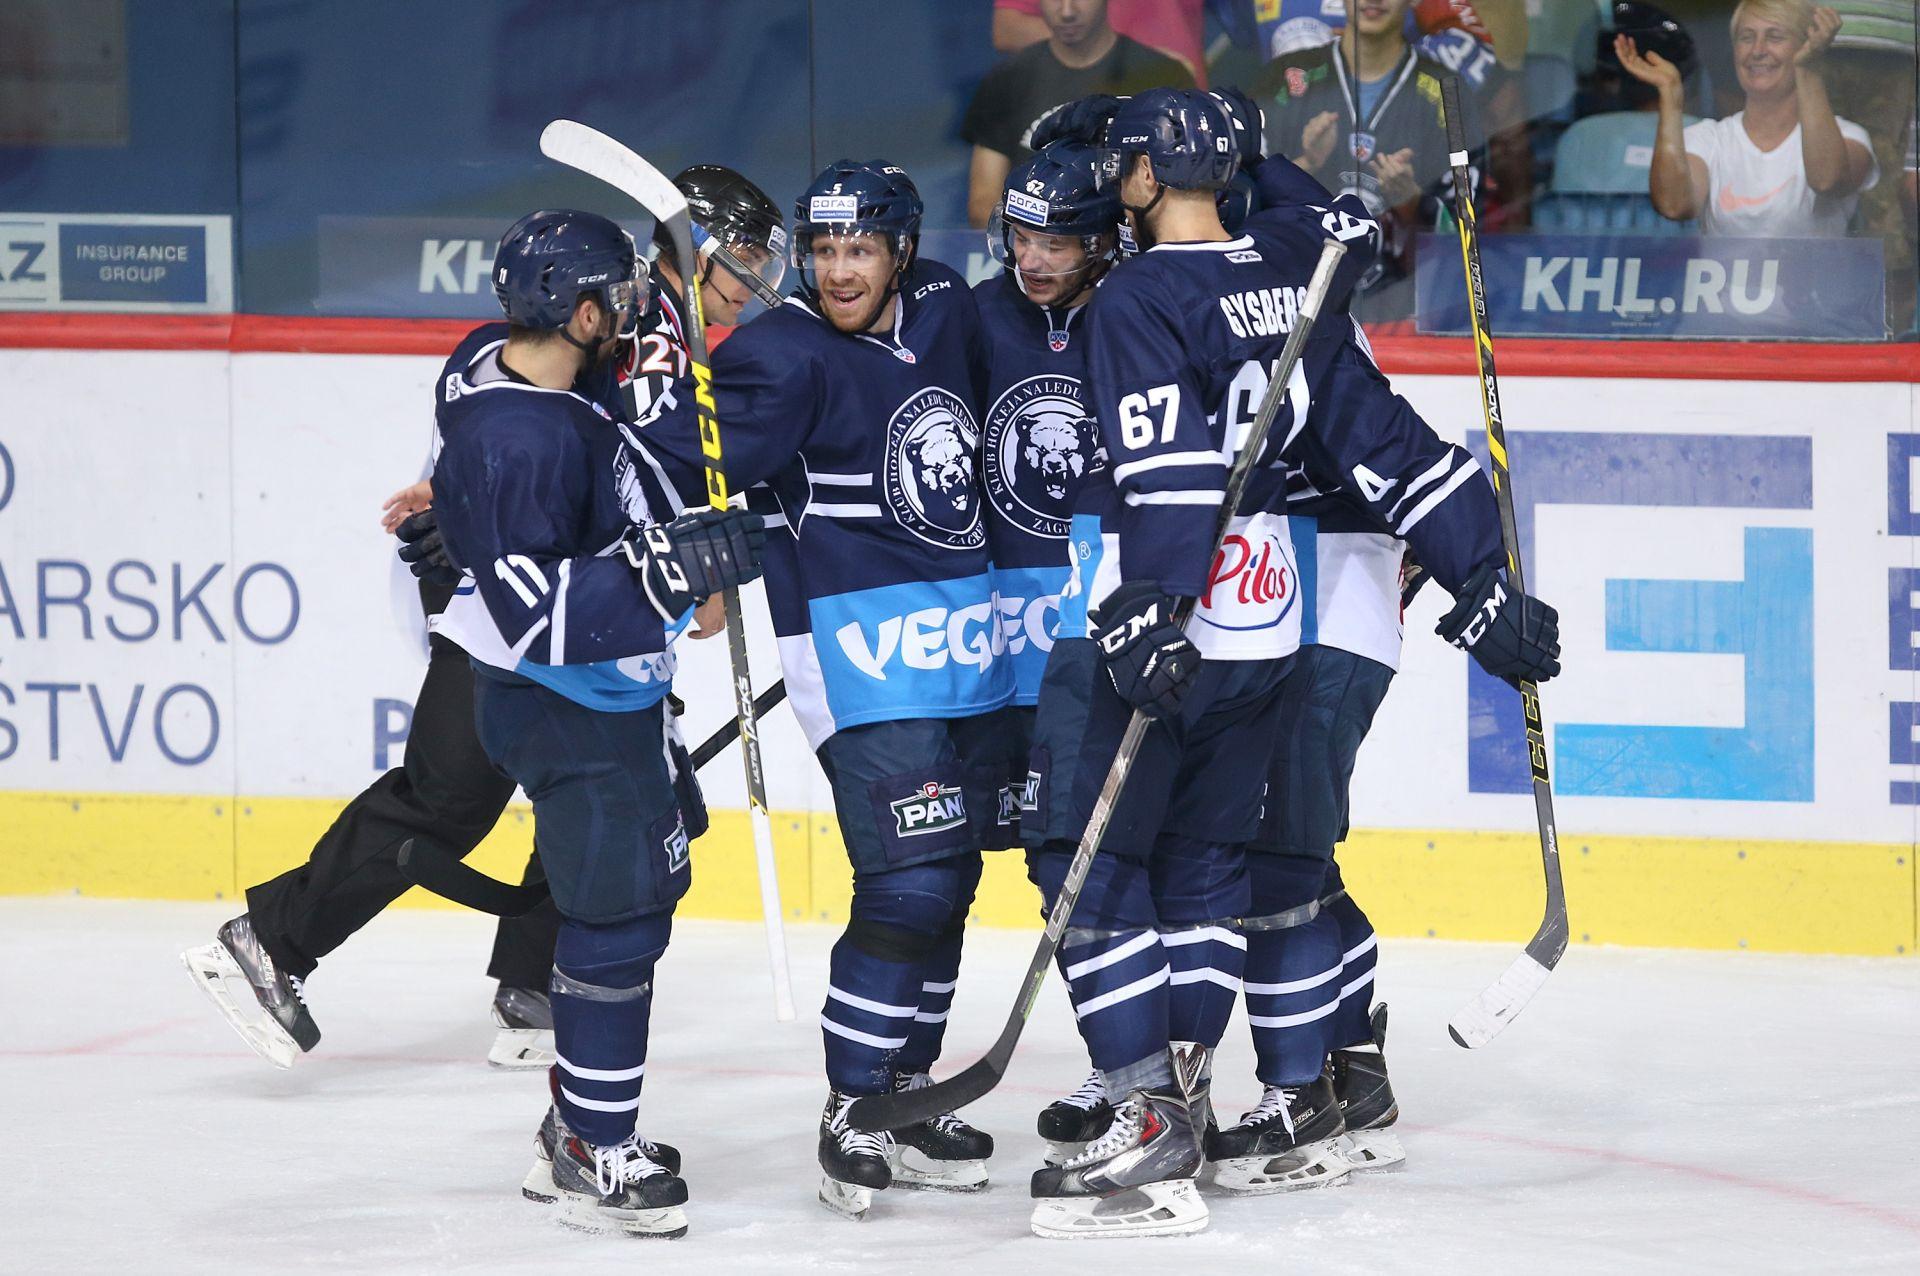 FOTO: NOVA KHL POBJEDA U LEDENOJ Medveščak na diobi prve pozicije